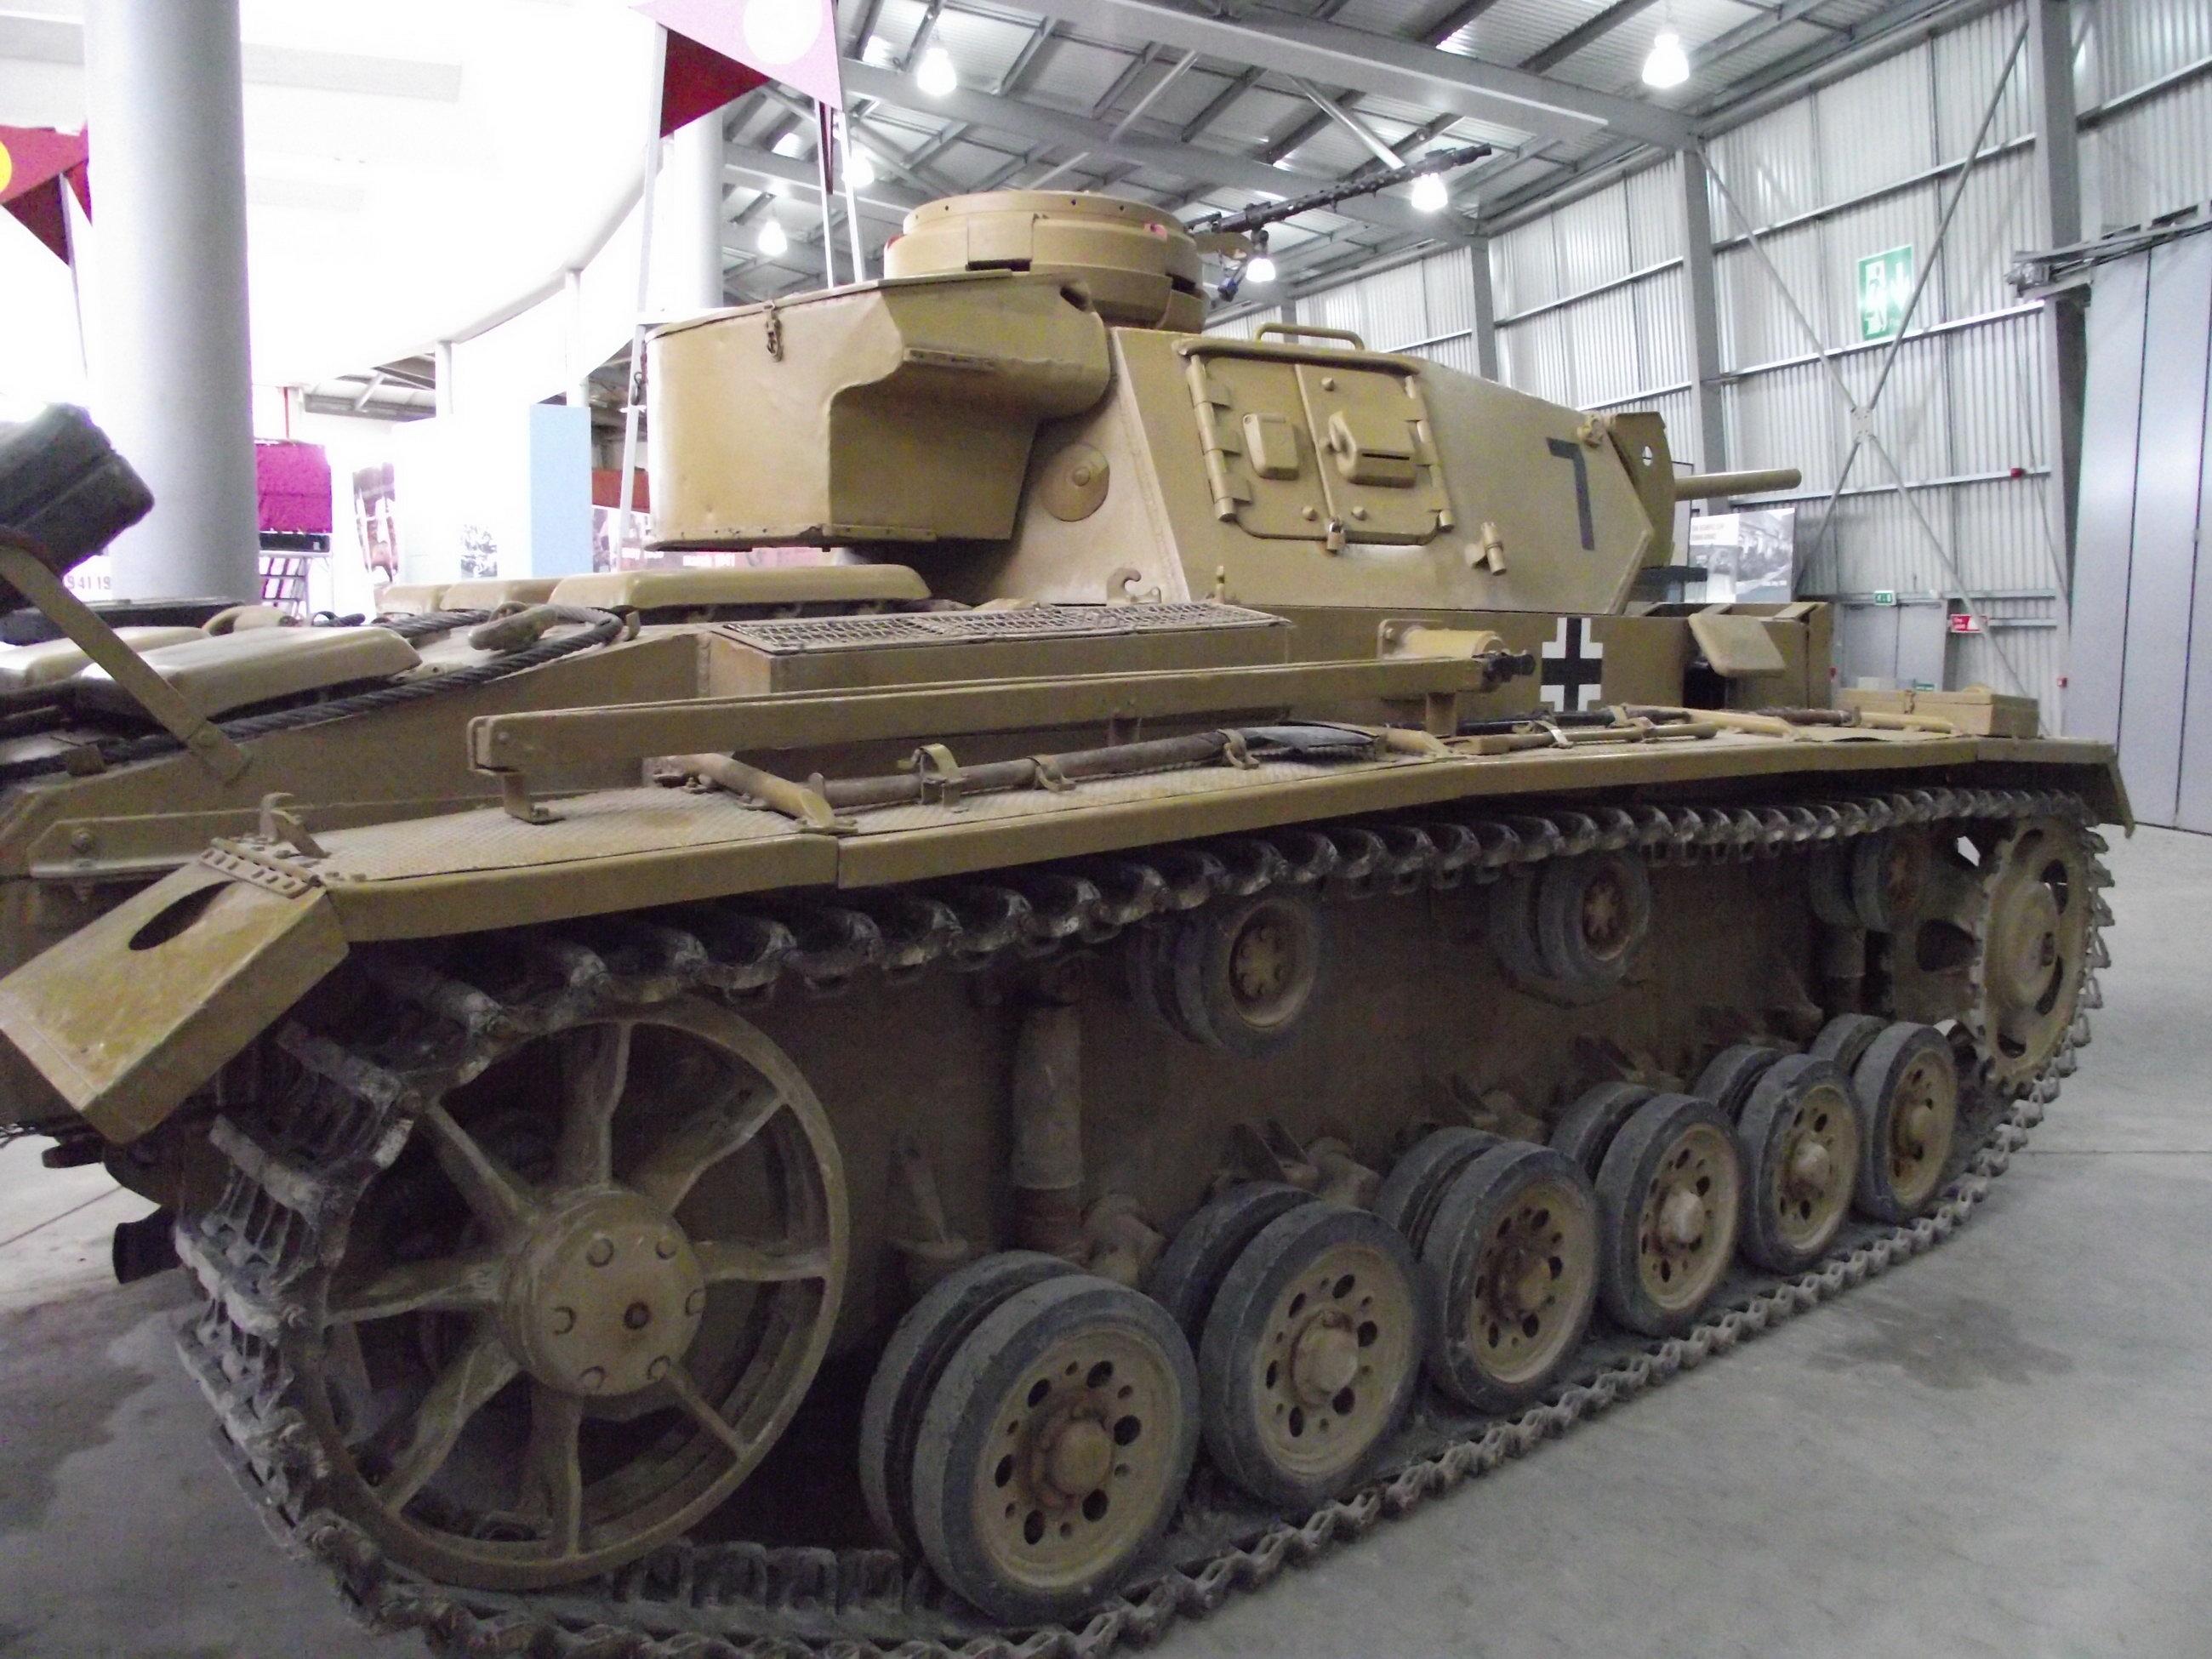 Tank_Museum_20180919_004.jpg